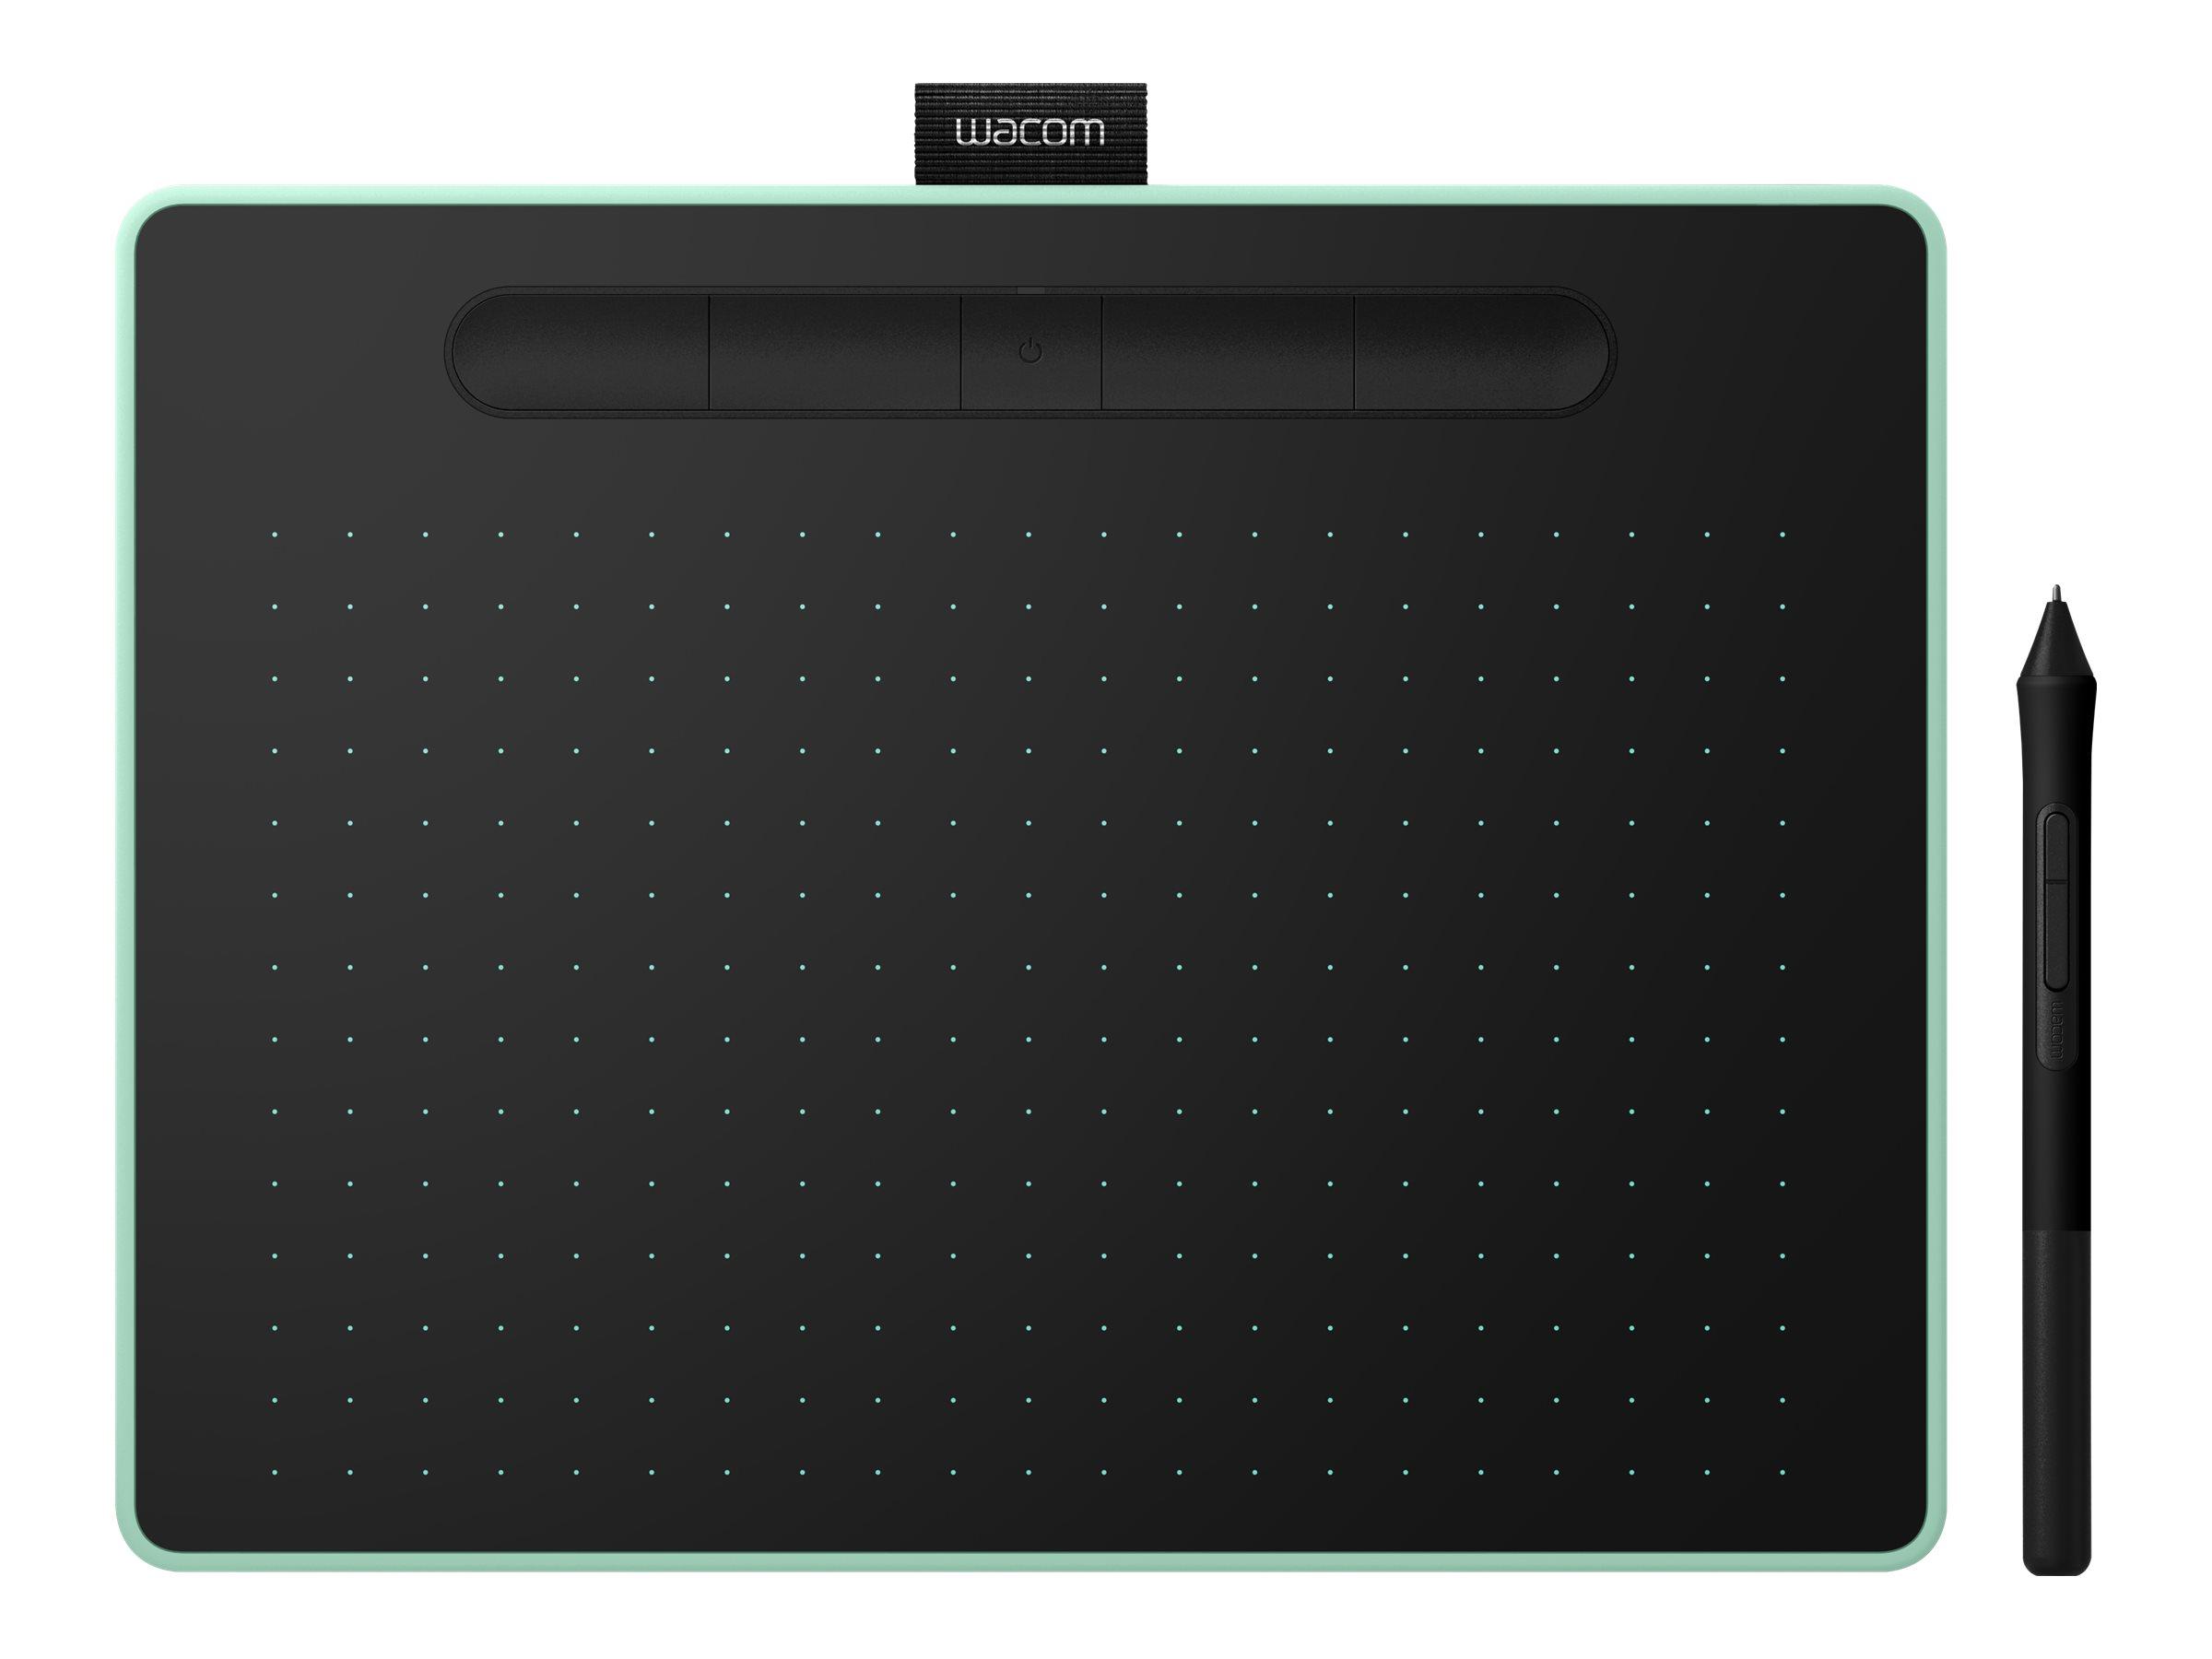 Wacom Intuos M with Bluetooth - Digitalisierer - rechts- und linkshändig - 21.6 x 13.5 cm - elektromagnetisch - 5 Tasten